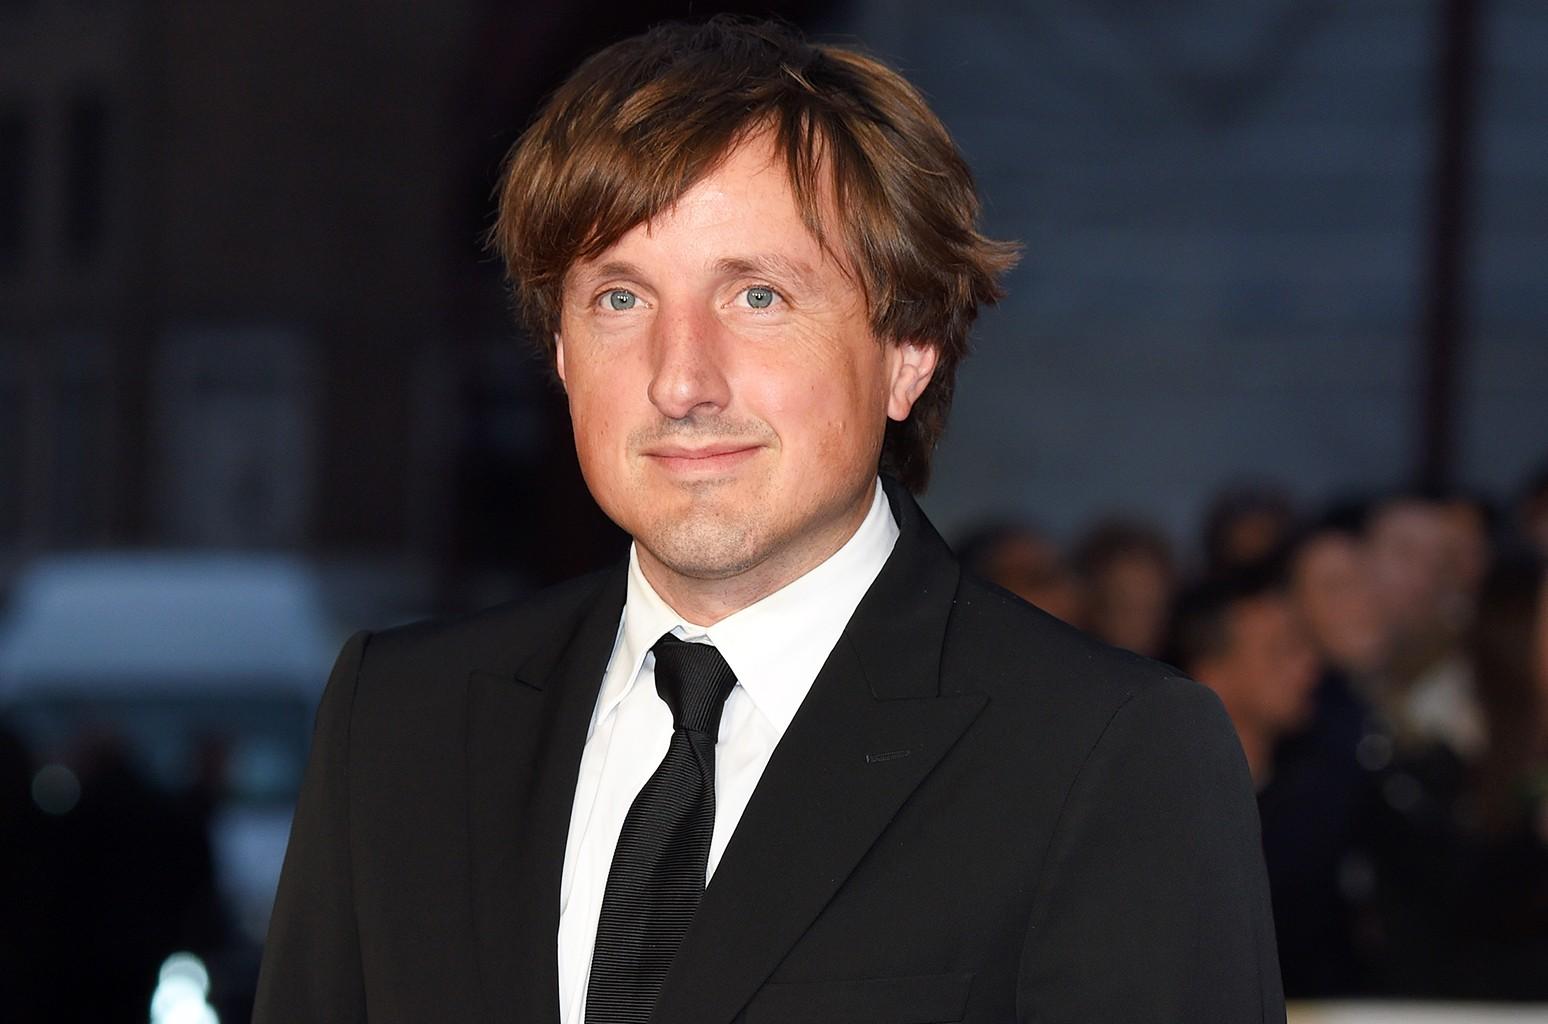 Daniel Pemberton in 2015